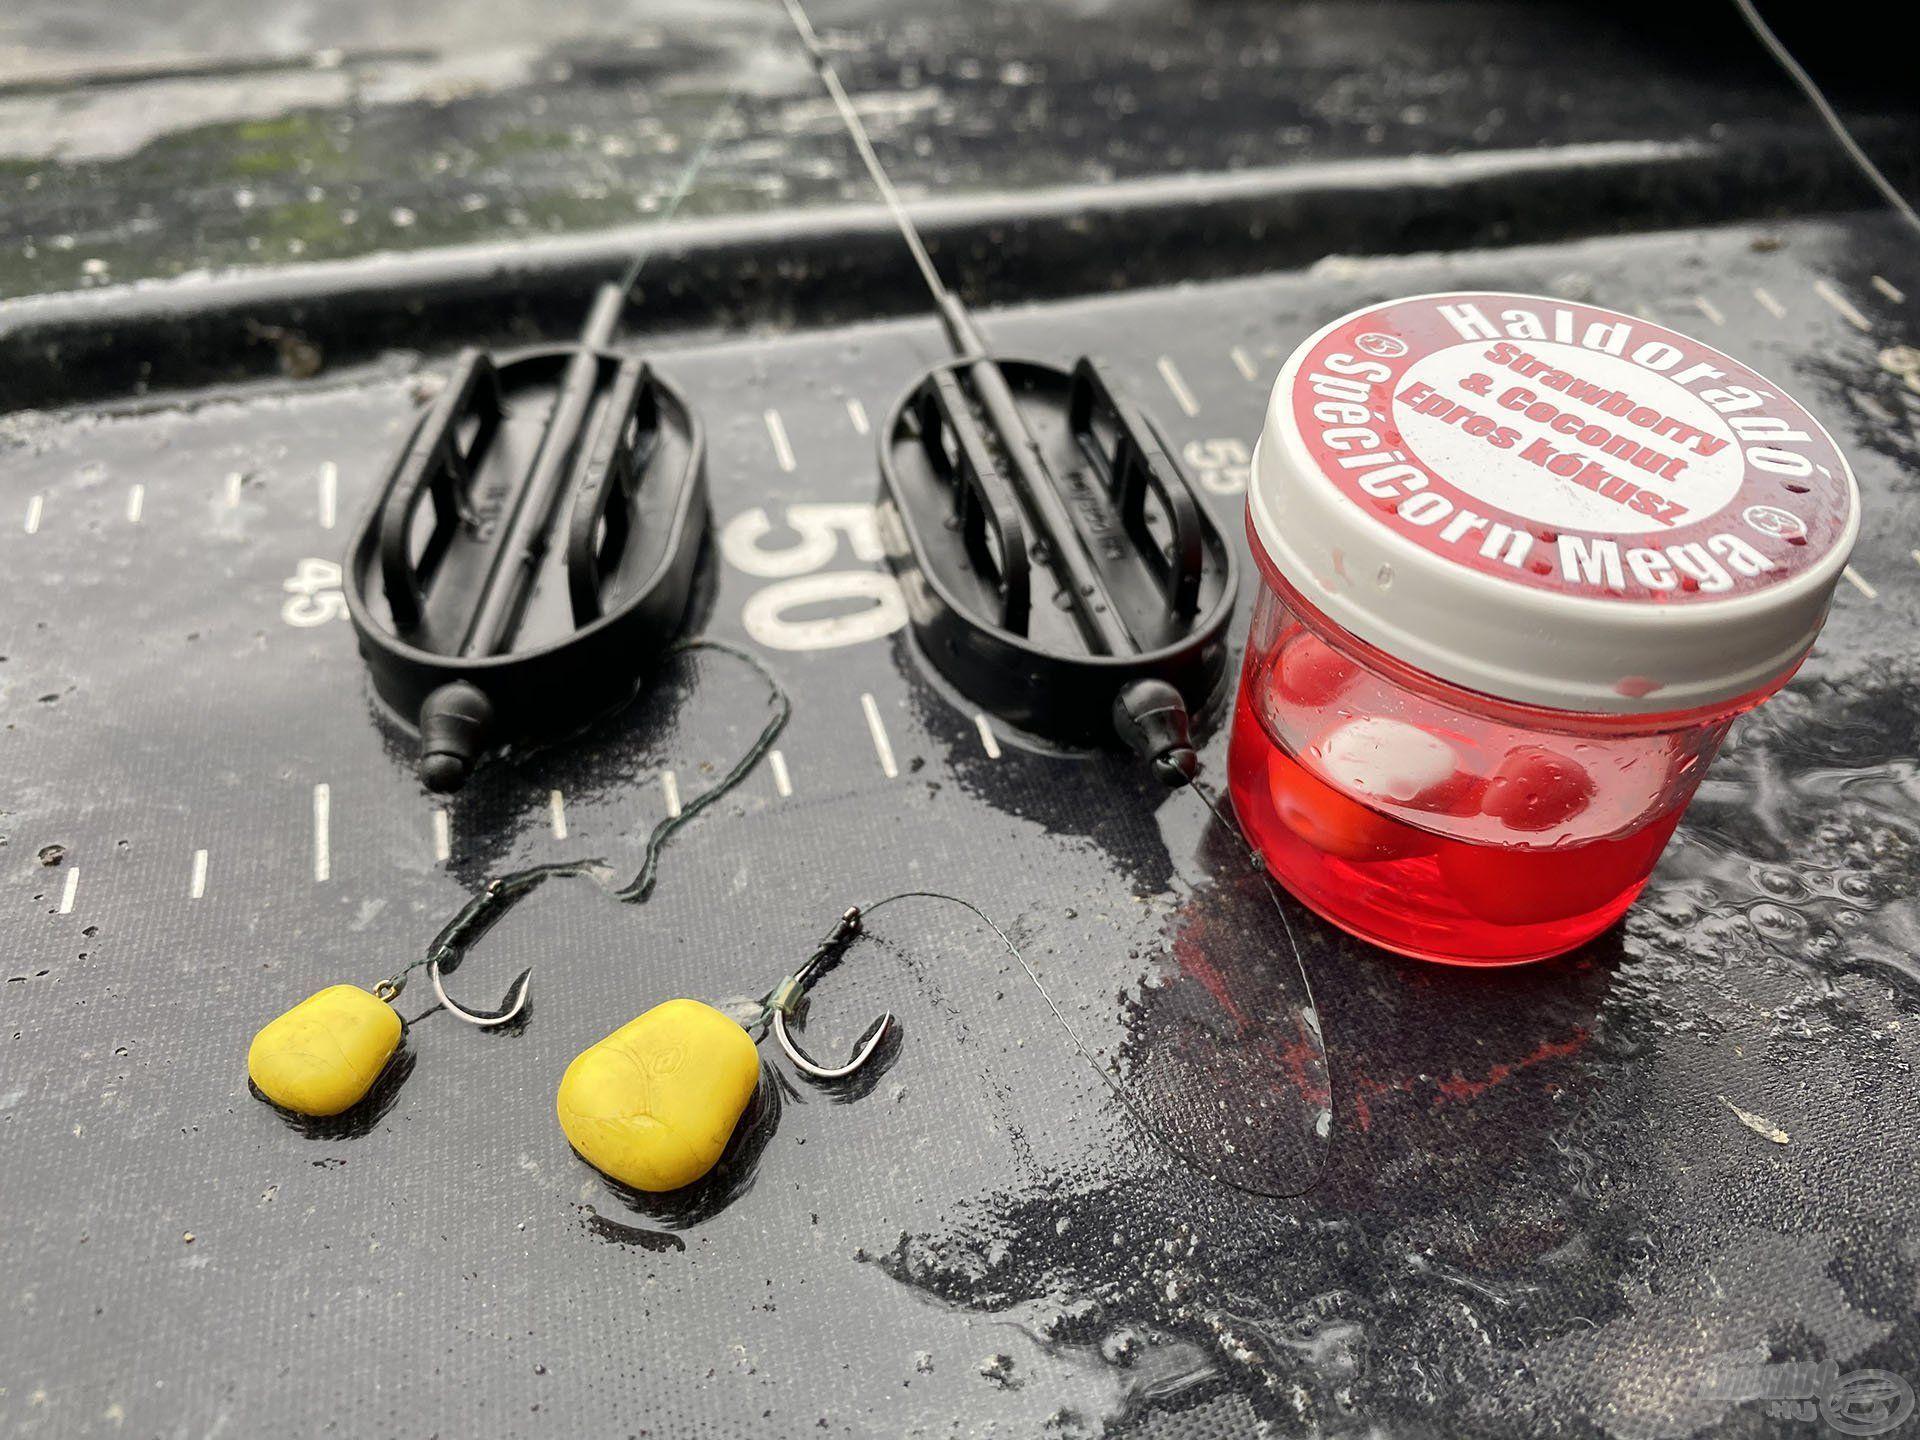 Kezdetben elegendő volt a kisebb gumikukorica, de amikor már ezt is felvették a nemkívánatos halak, jött a Mega méret